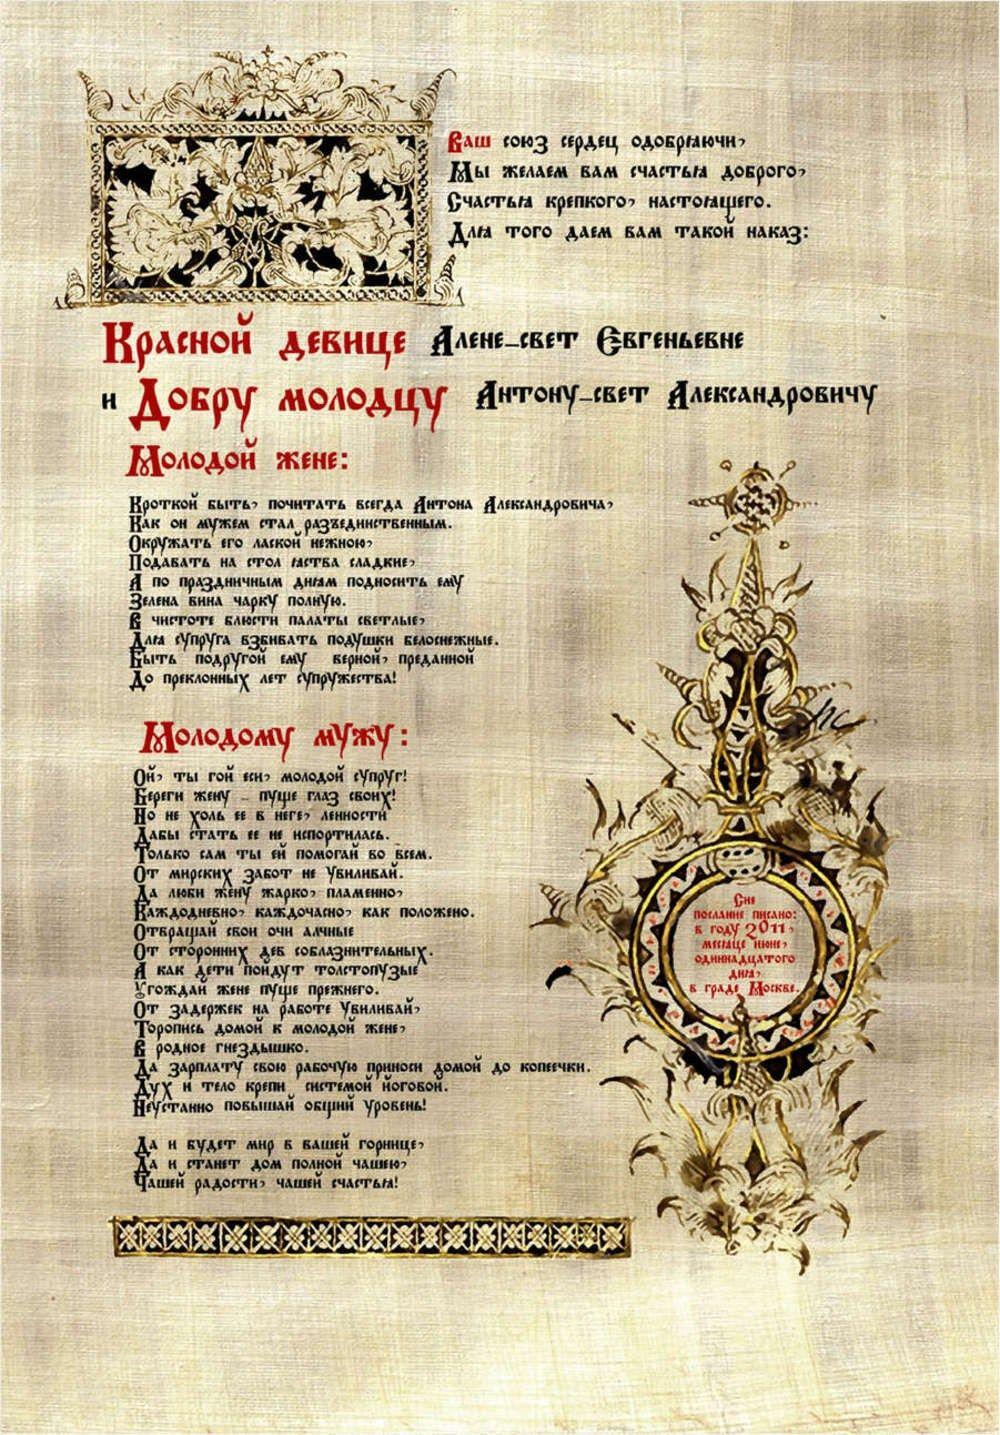 Поздравления с днем рождения на старорусском